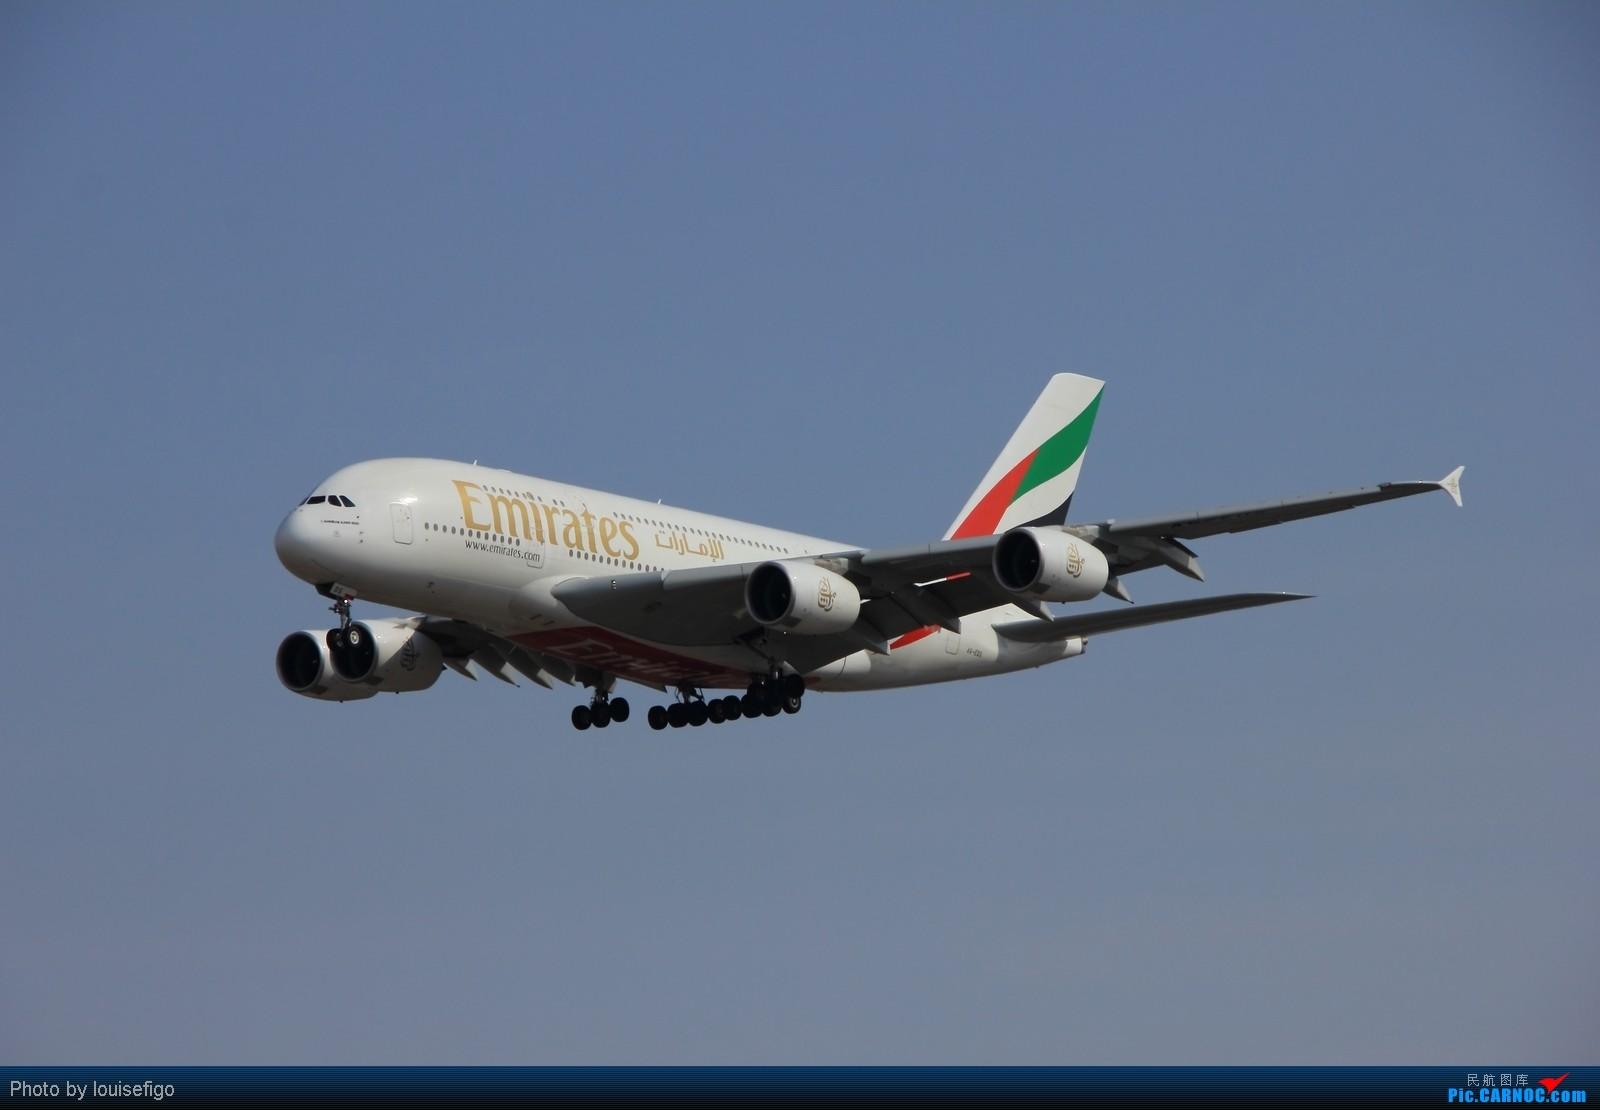 [原创]EK380,天色差点儿!很不爽 AIRBUS A380 A6-EDS 北京首都国际机场